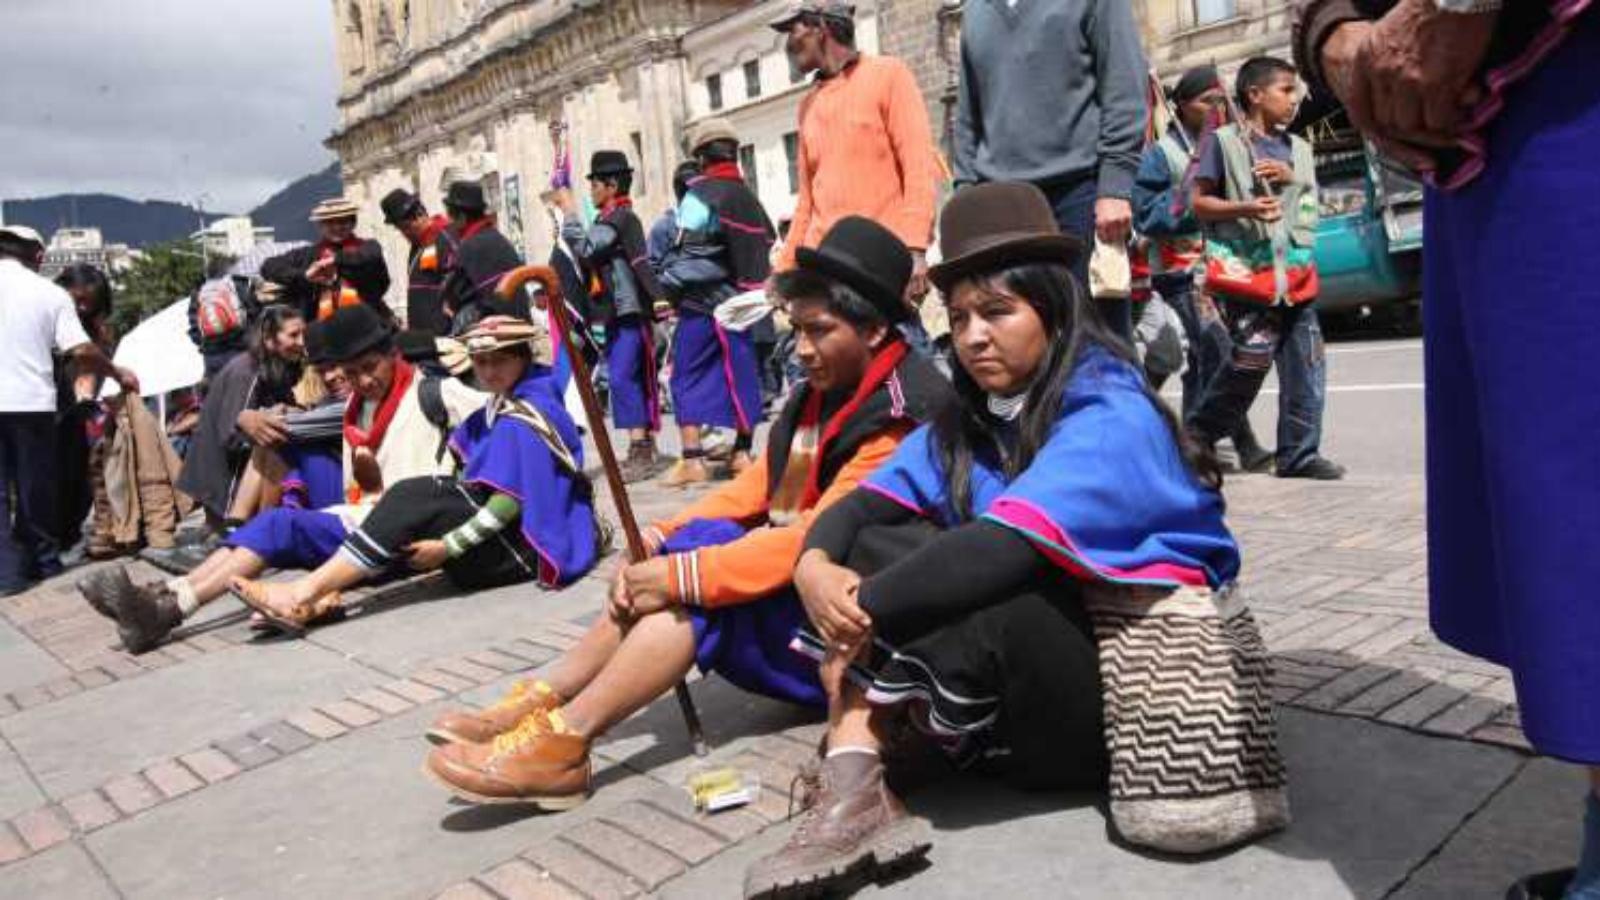 Indígenas en Bogotá hacen vaca en internet para enfrentar la cuarentena